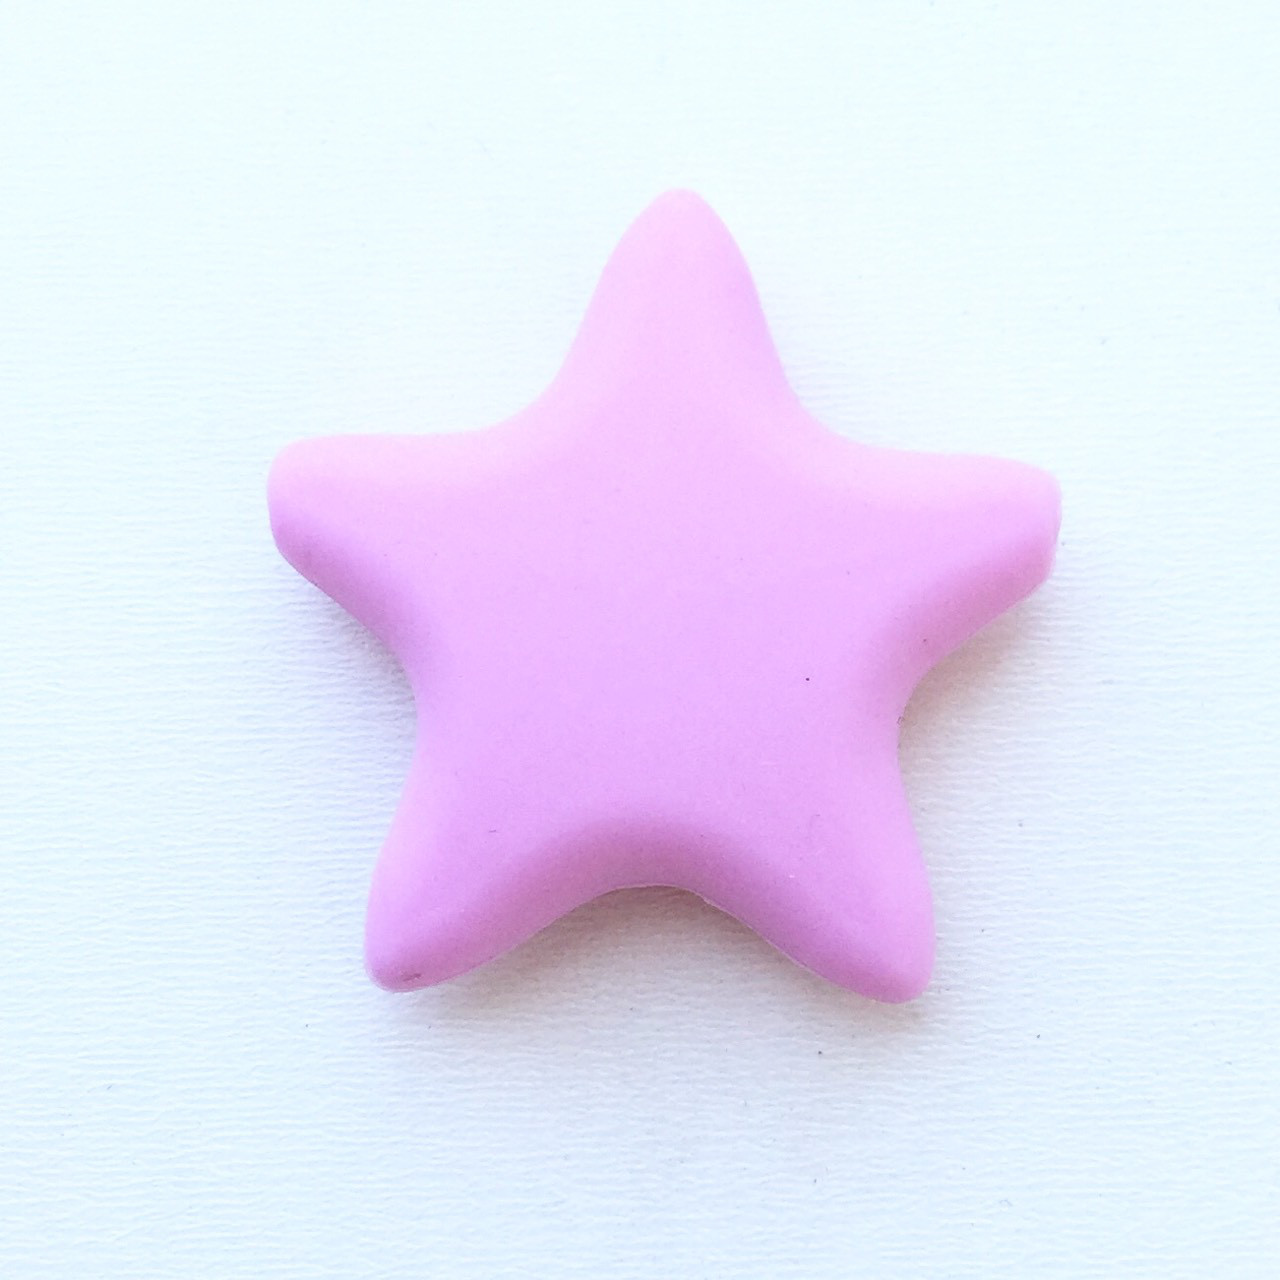 Звезда  острокон. (пейл пинк), бусины из пищевого силикона